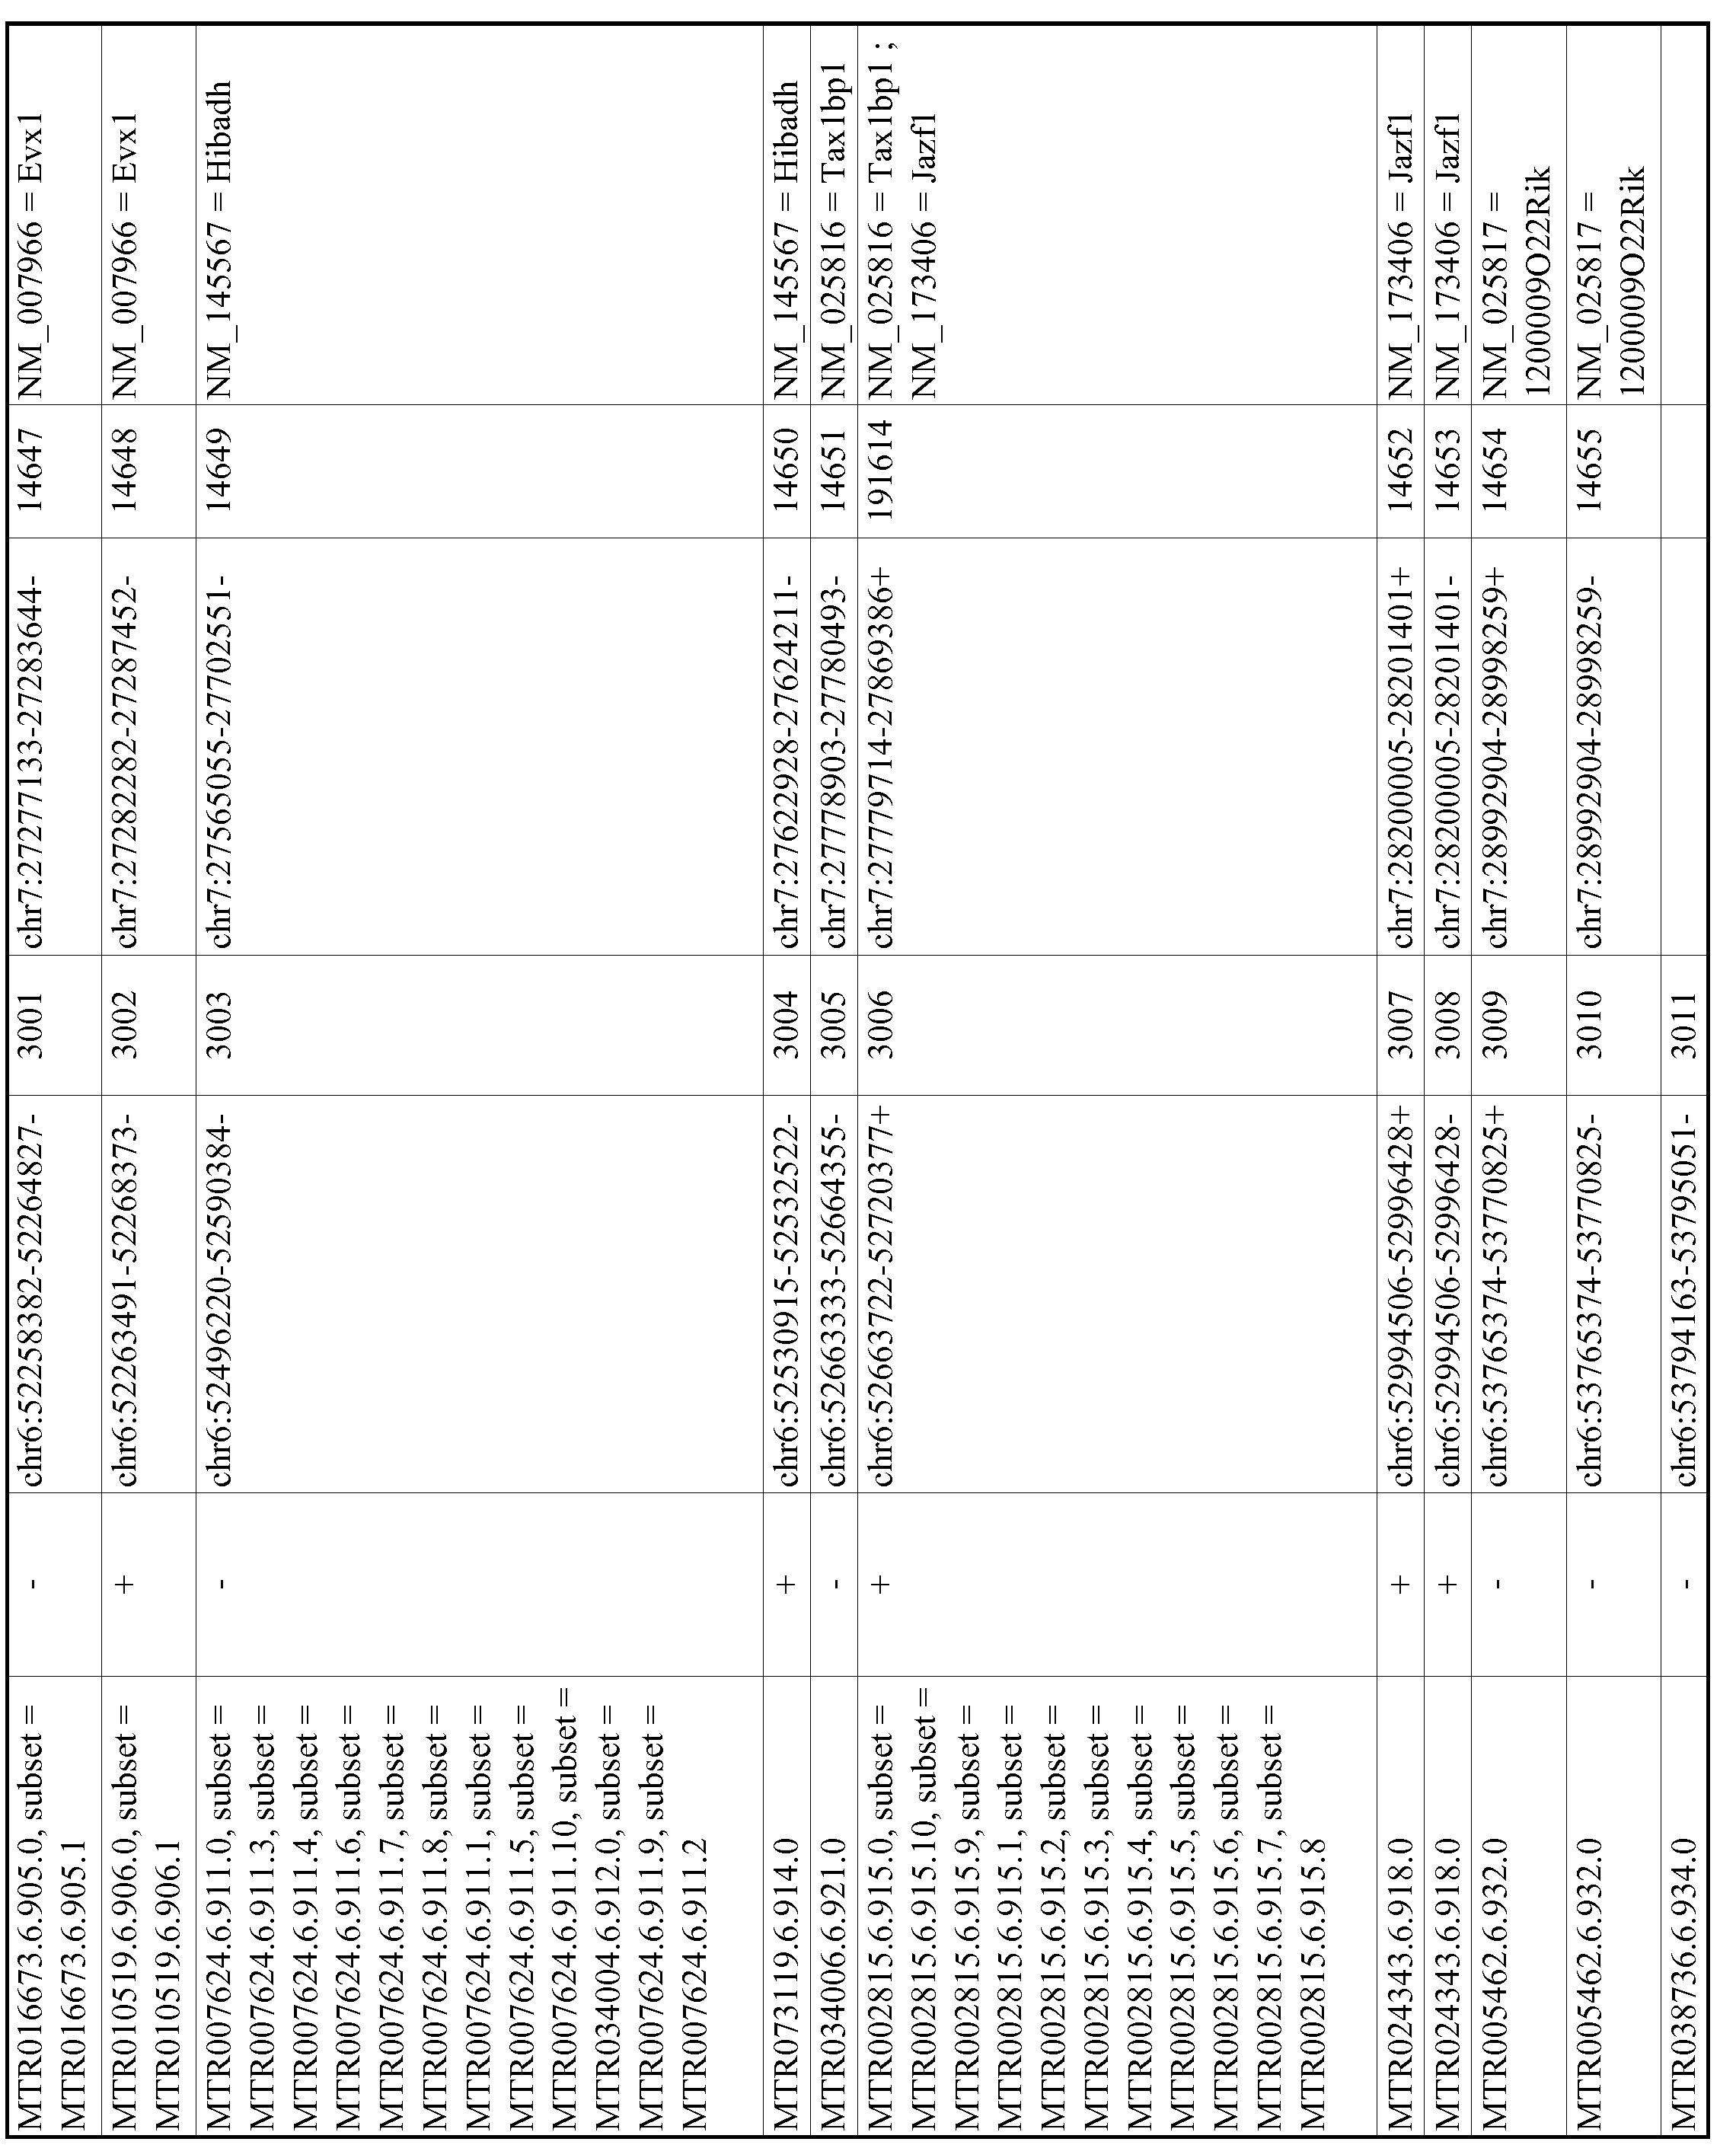 Figure imgf000605_0001